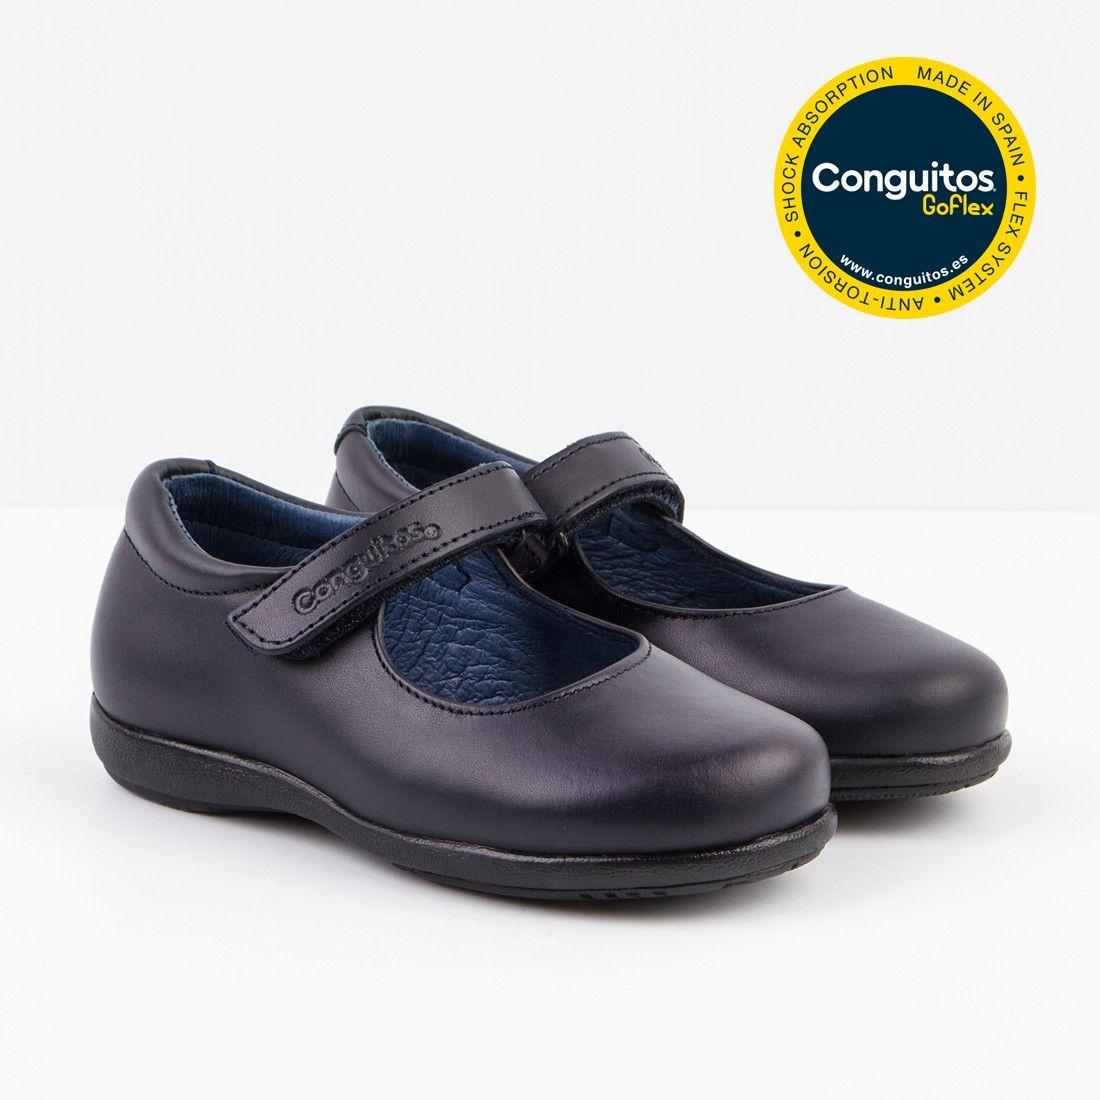 1f2d678f73b Calzado escolar cómodo: colegiales de niña Conguitos - Conguitos ...